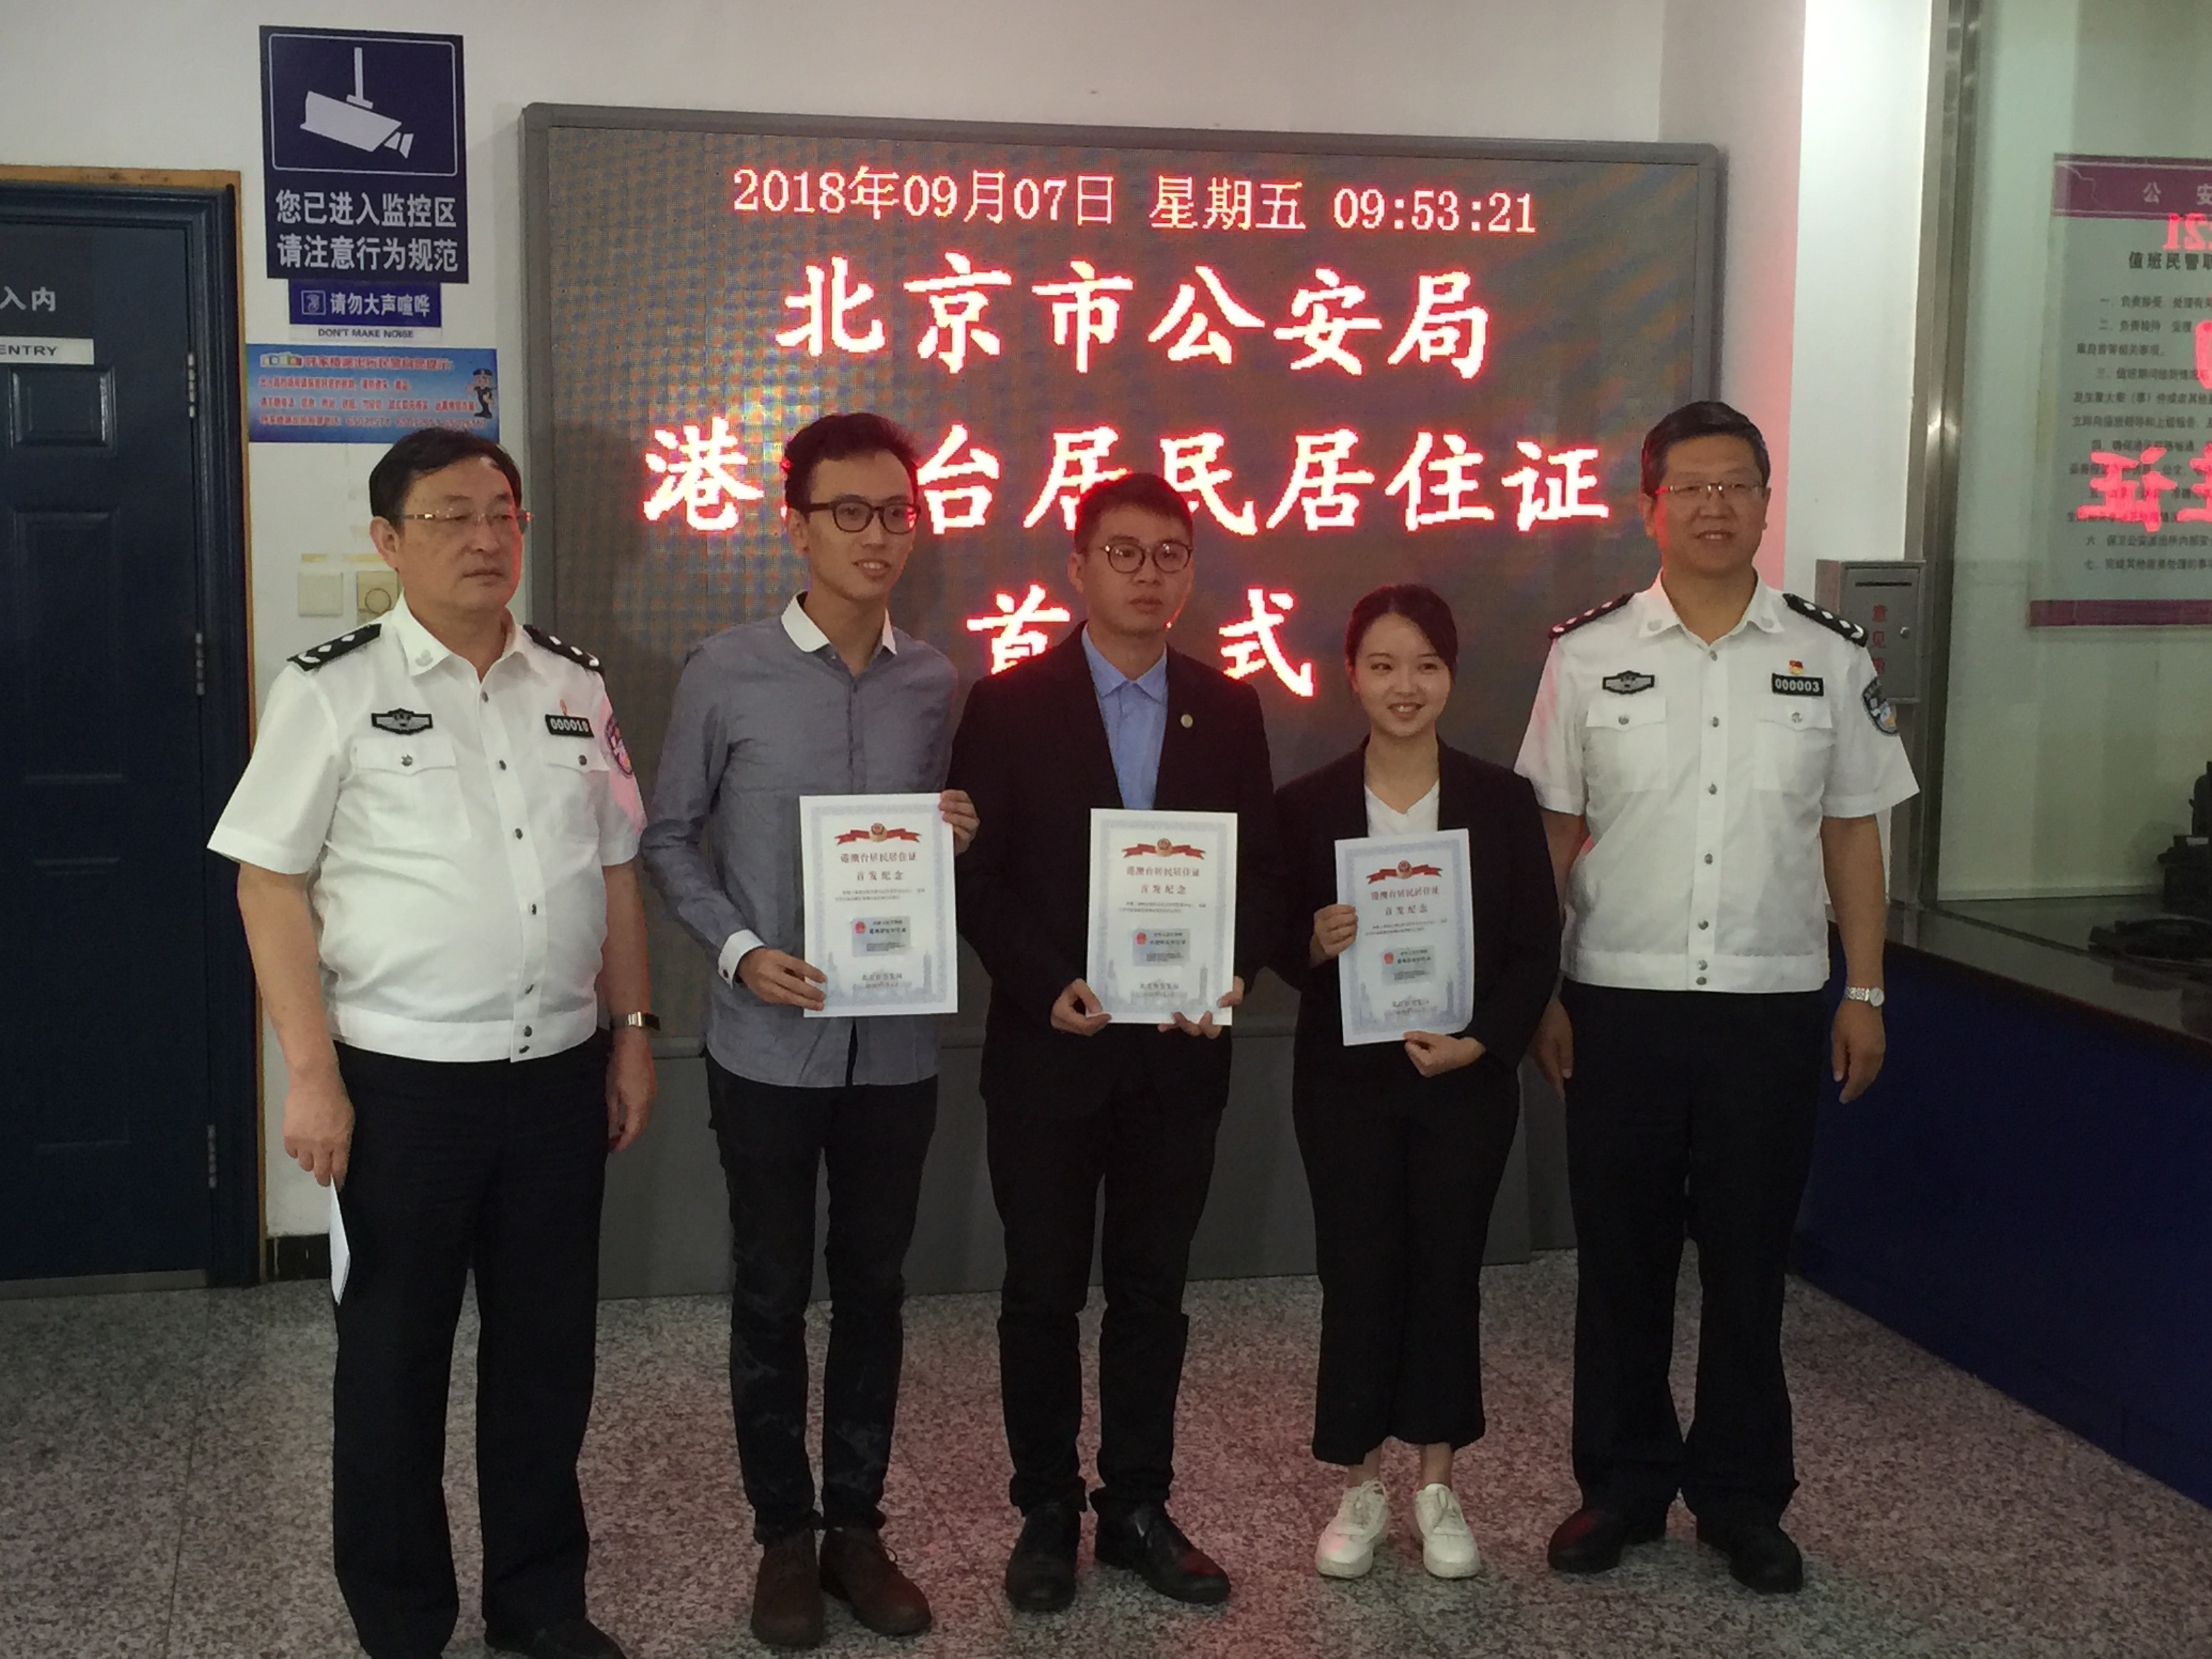 北京市公安局颁发首批港澳台居民居住证 已有1376人申请办理